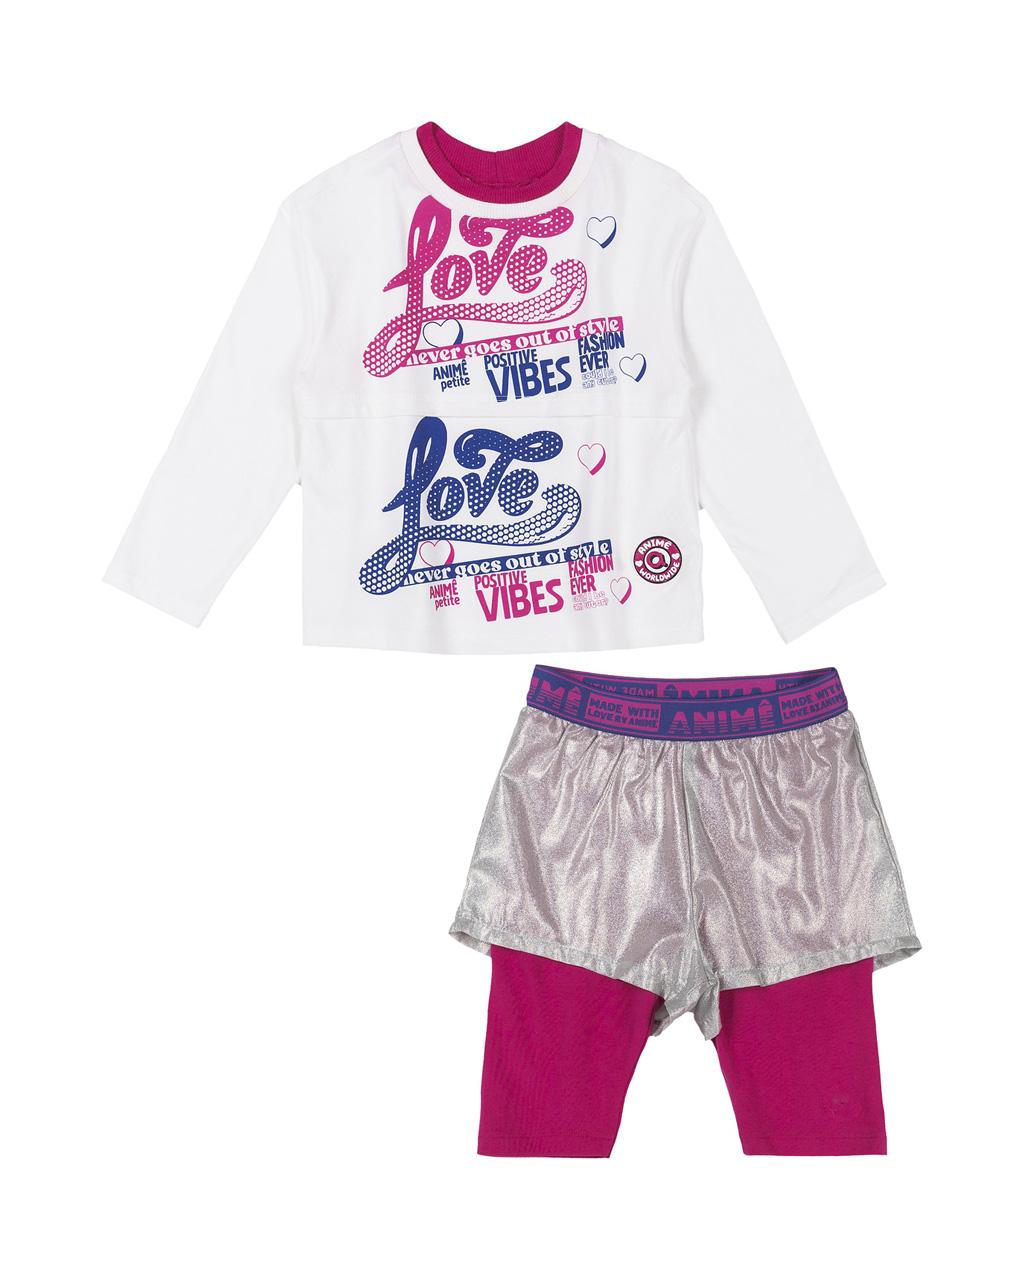 Conjunto Blusa Cotton Off Com Arte e Shorts Tecido Holografico E Legging Catton Animê